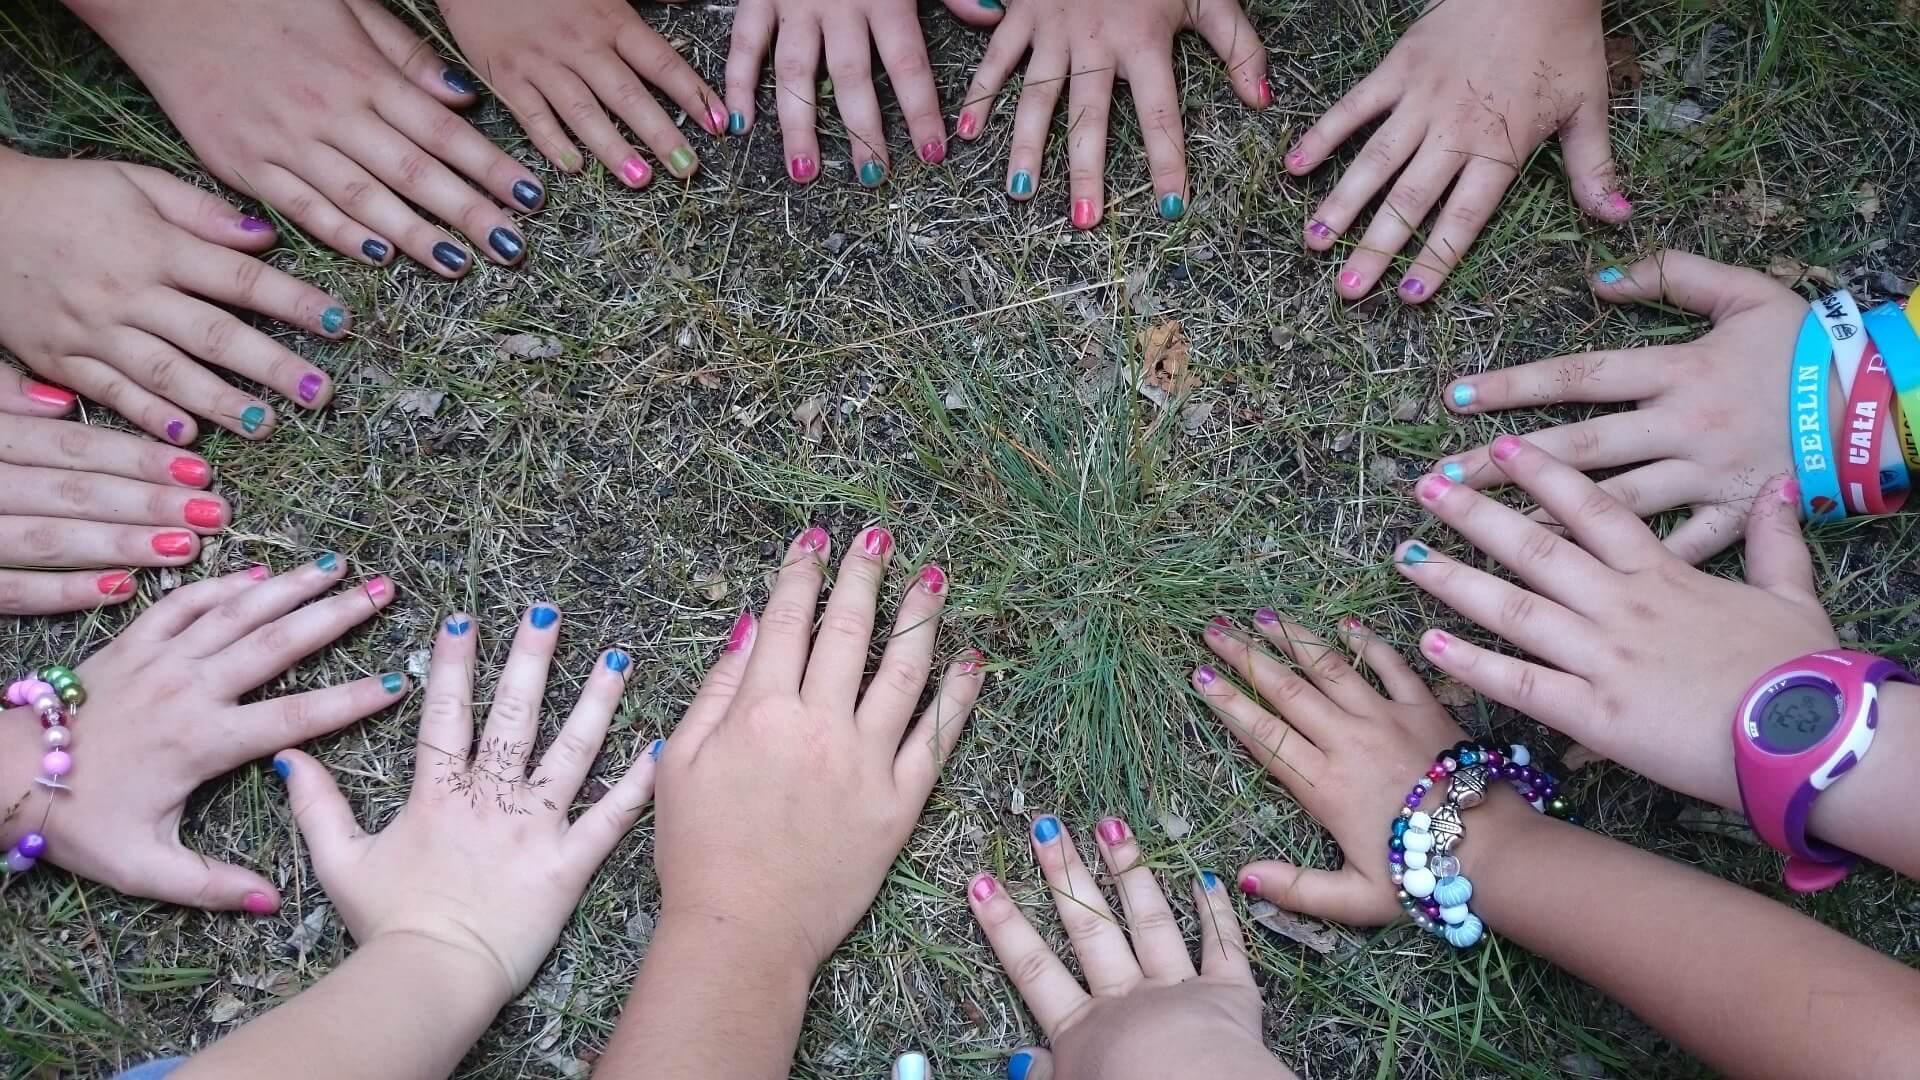 nenas con uñas pintadas